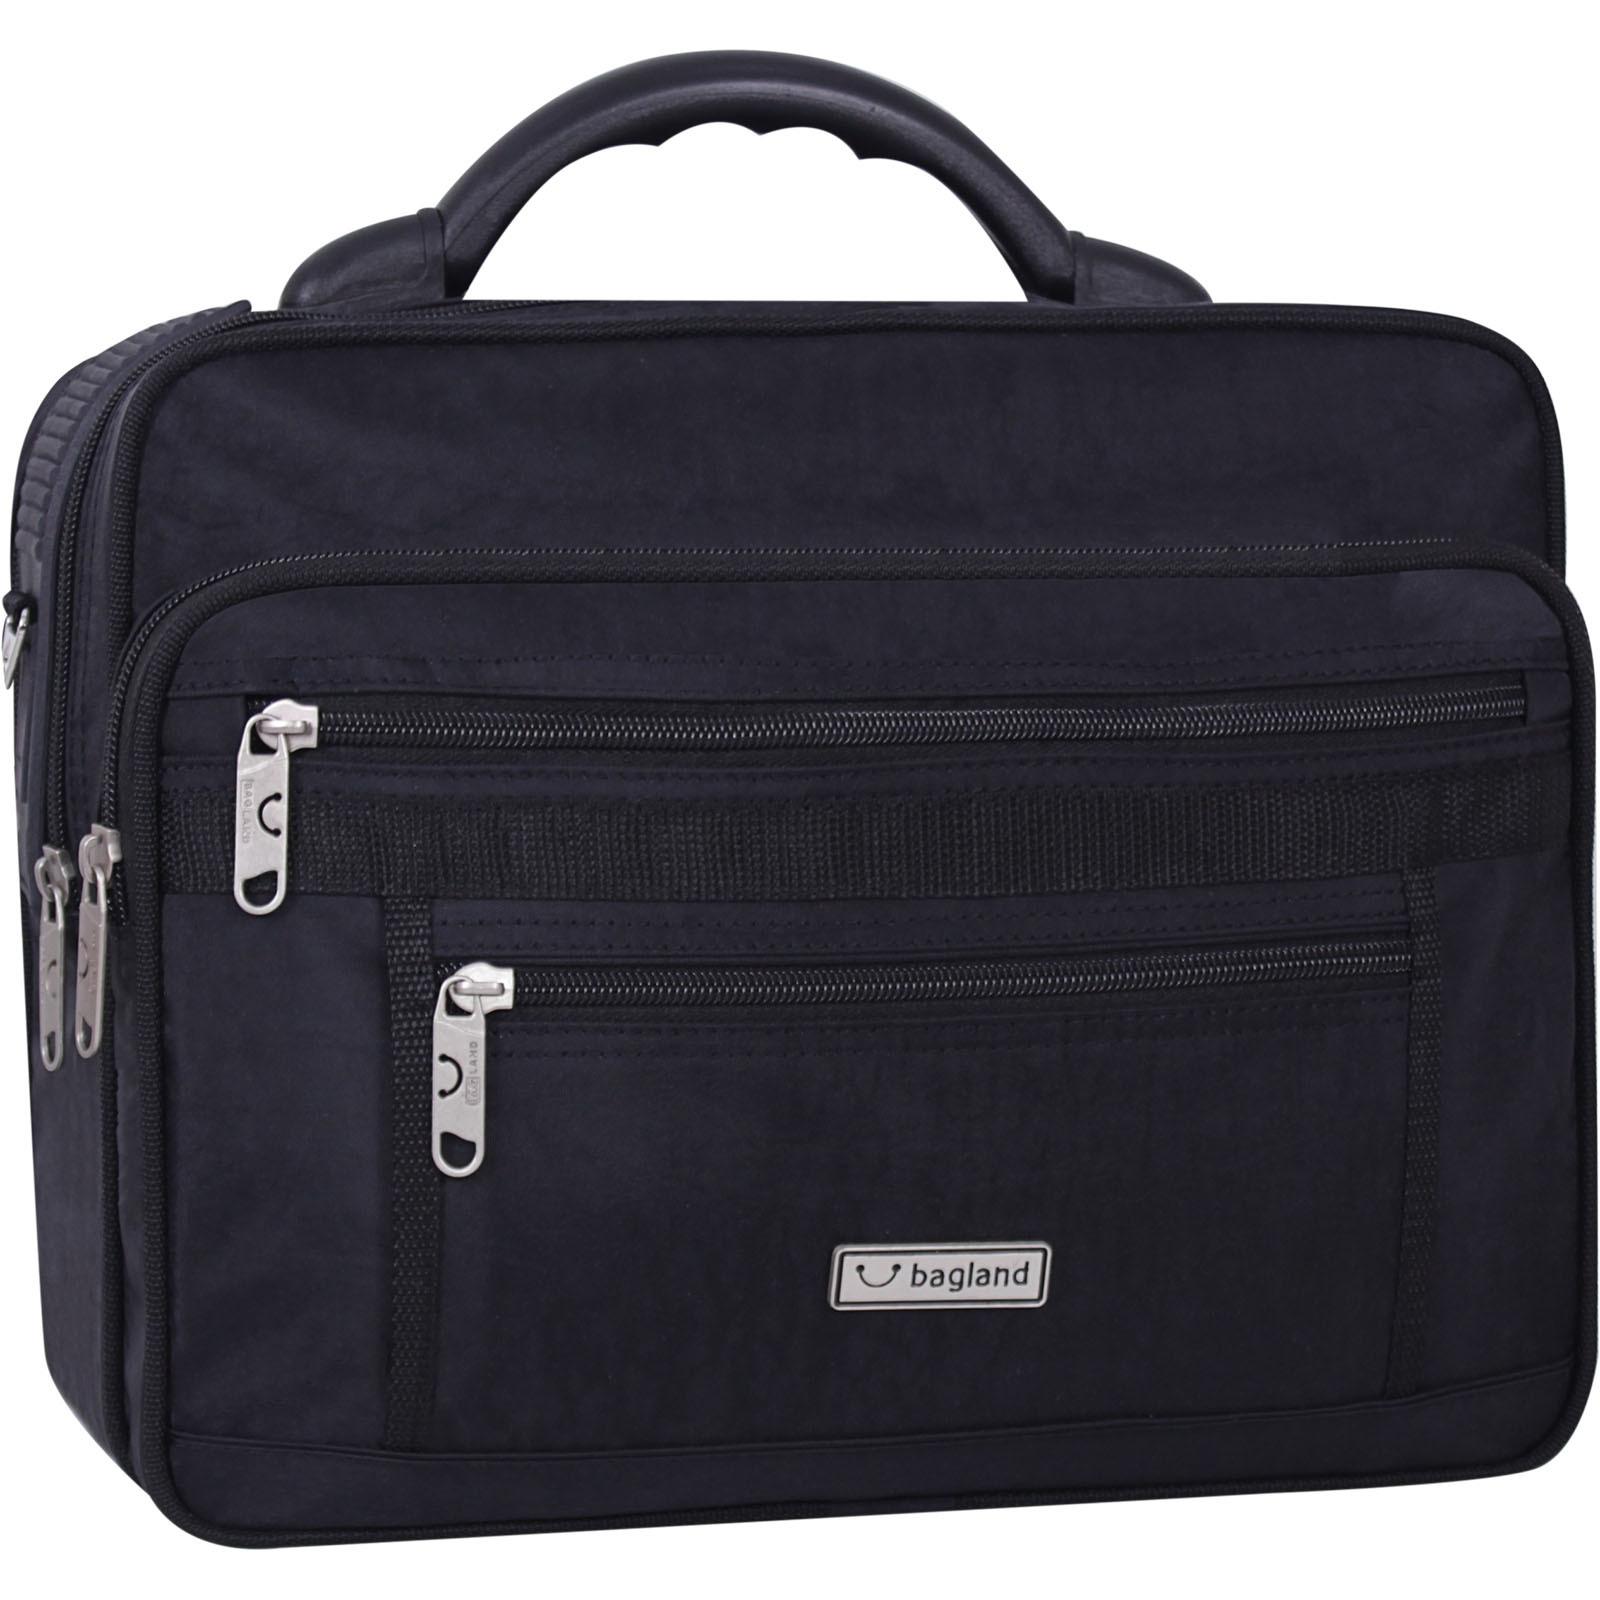 Мужская сумка Bagland Mr.Cool 15 л. Чёрный (0025170) фото 1